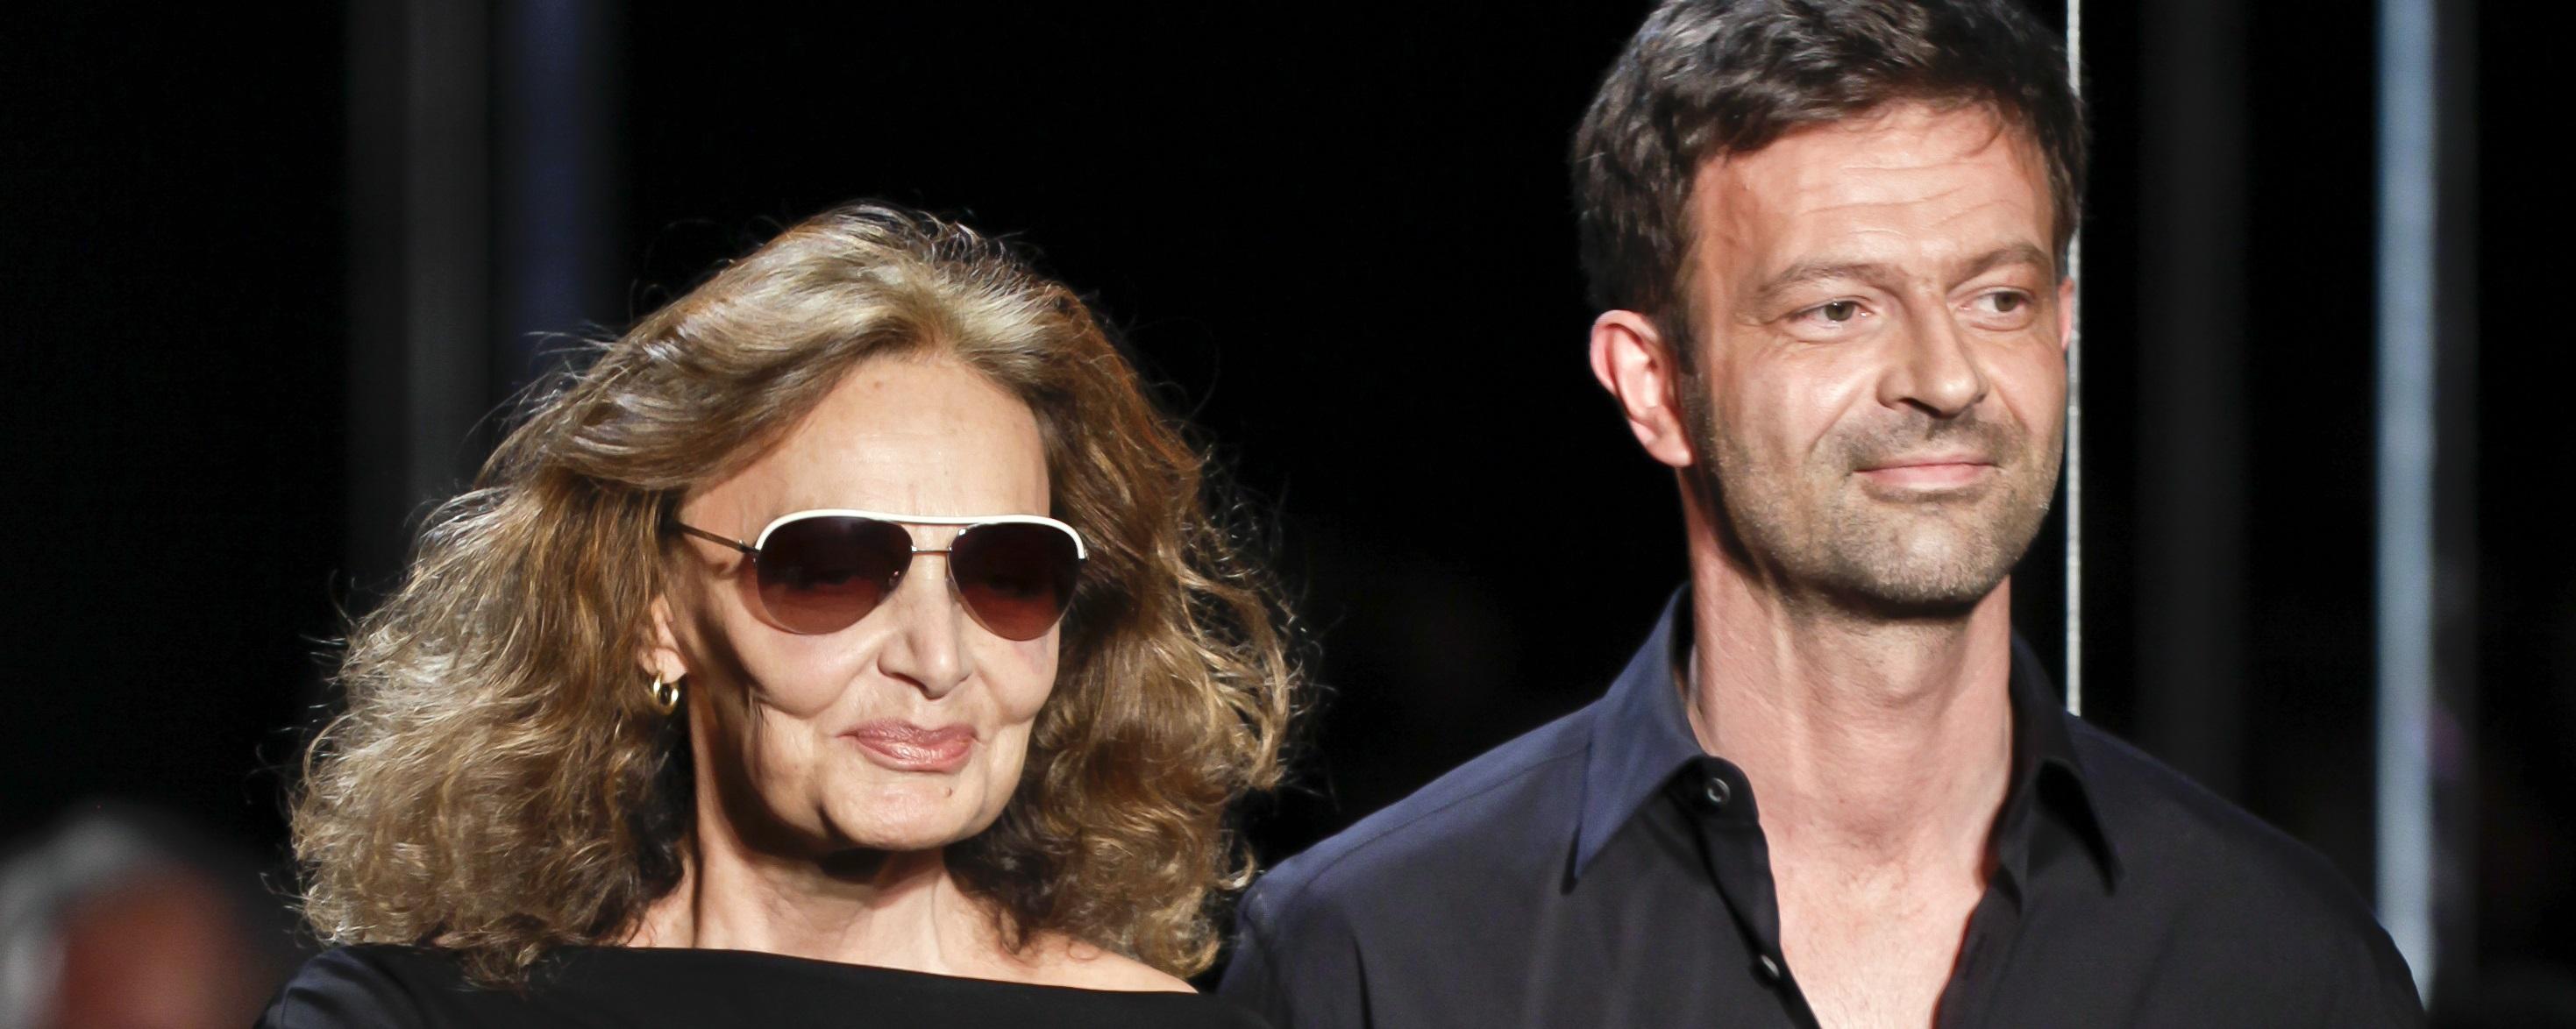 Diane von Furstenberg and Yvan Mispelaere